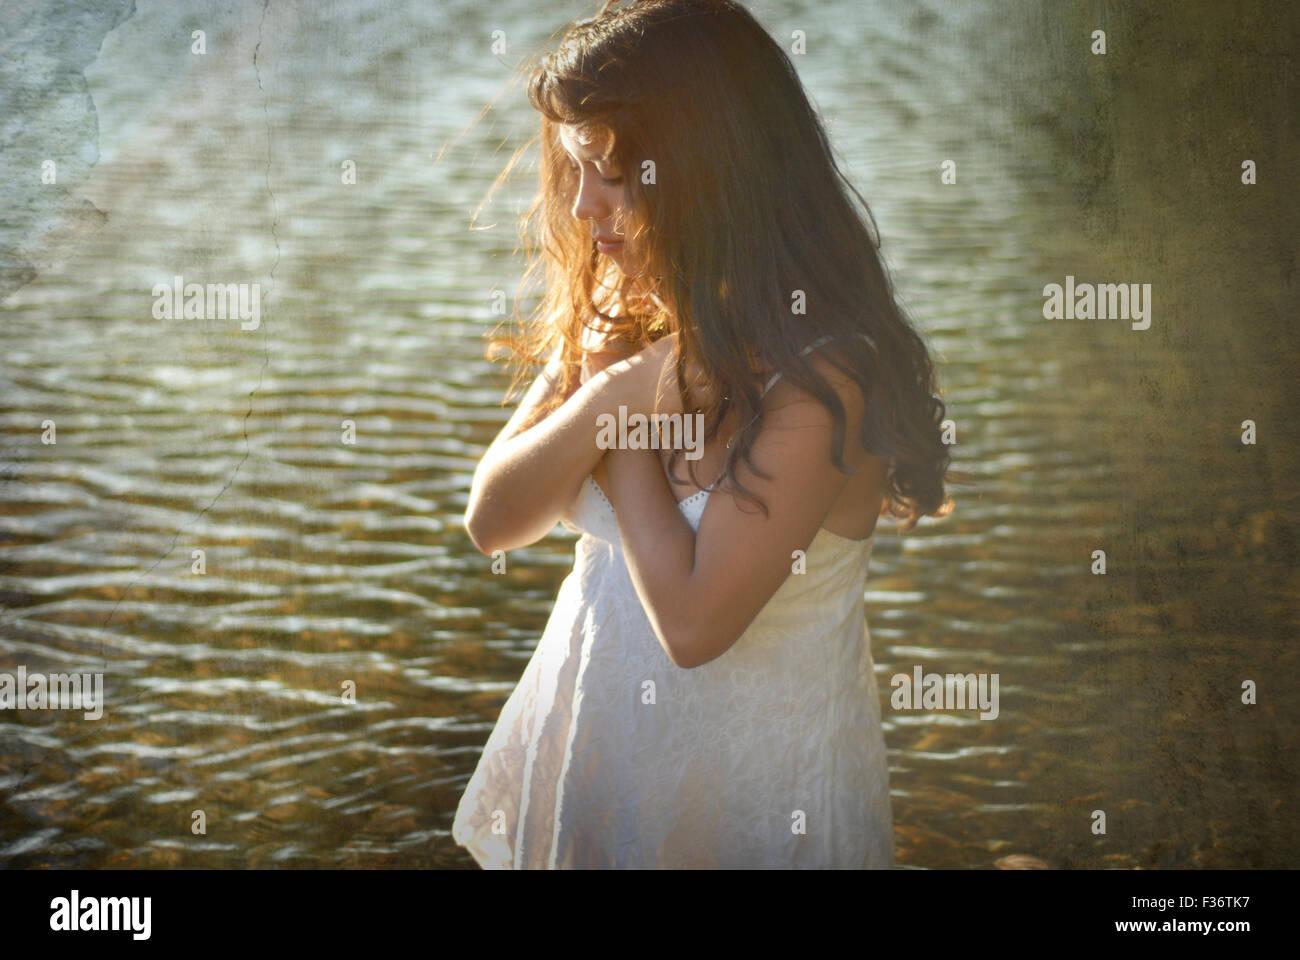 Ragazza i bracci incrociati nel fiume di acqua estate abito bianco capelli lunghi Immagini Stock